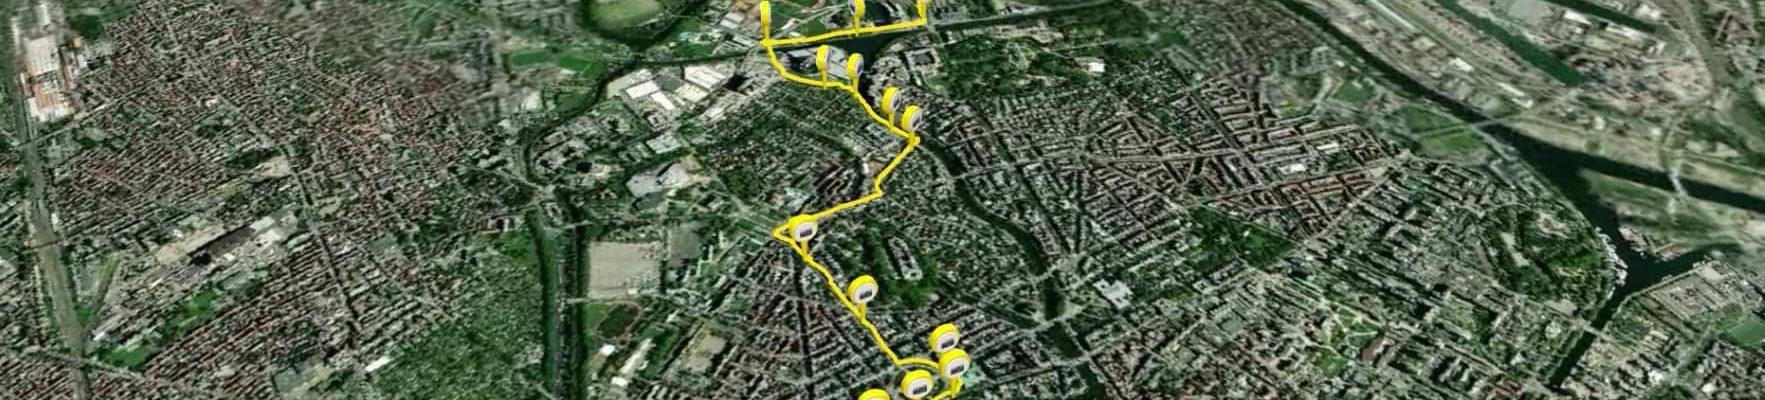 Relier la place Kléber depuis la Robertsau à vélo : Thierry Roos a relevé le défi